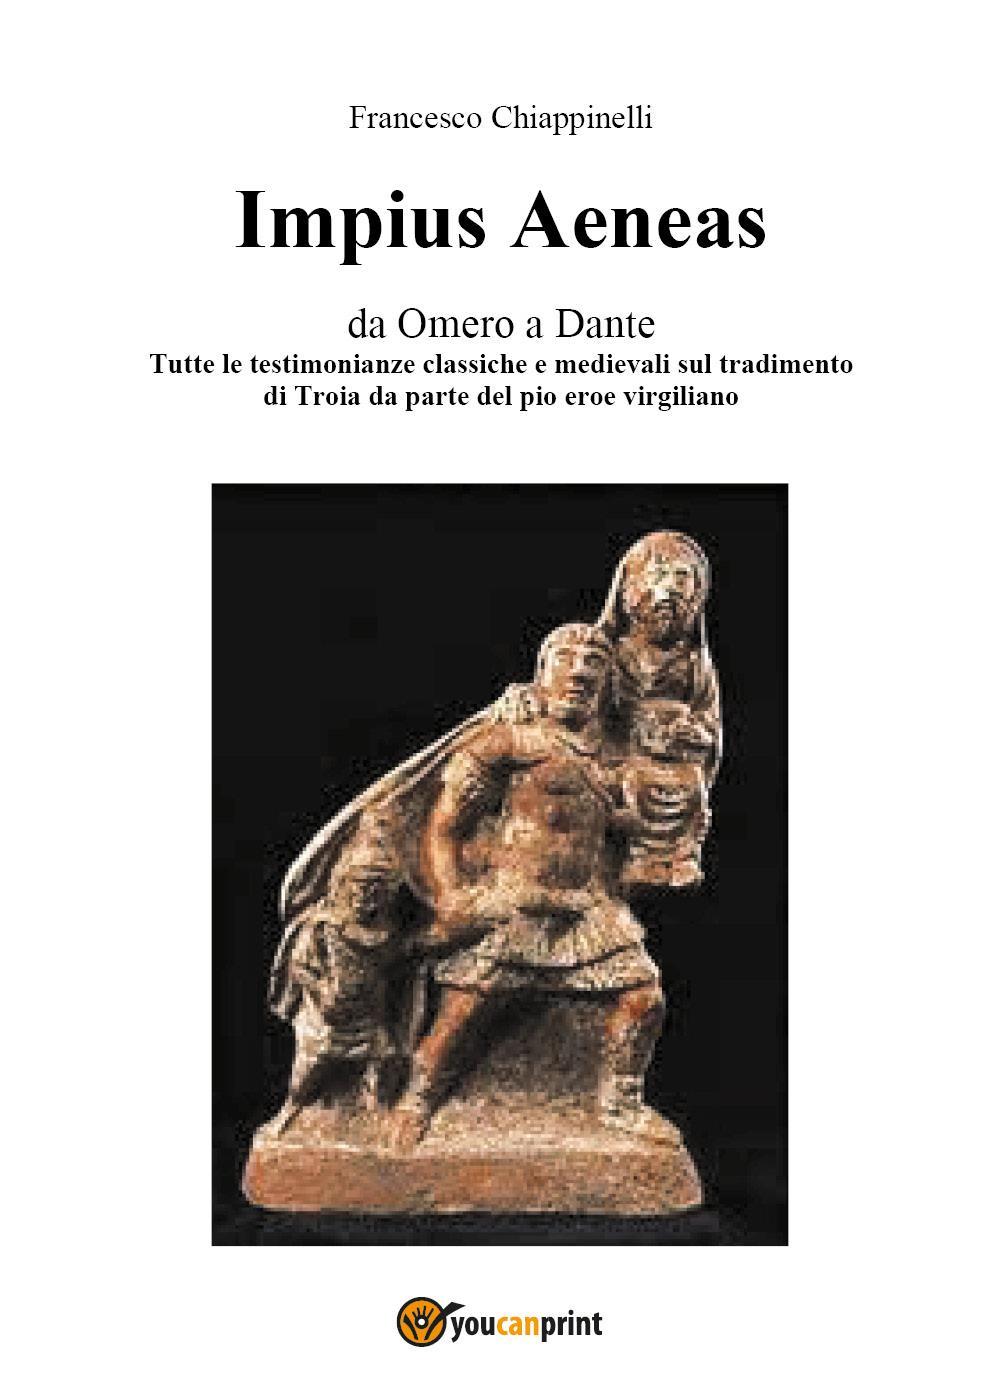 Impius Aeneas